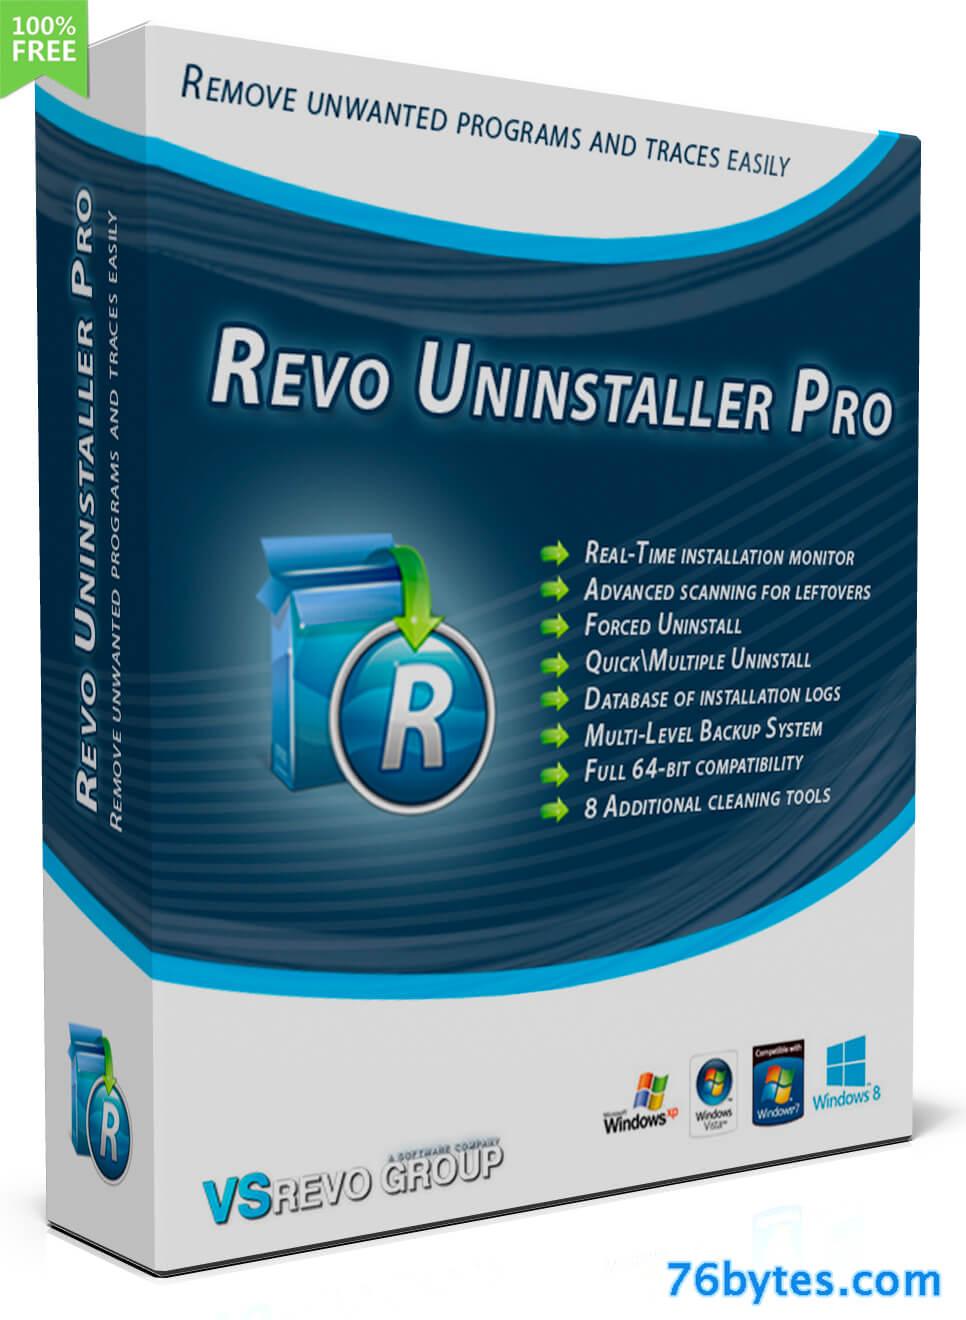 Revo Uninstaller Pro 3 CRACK Serial Key